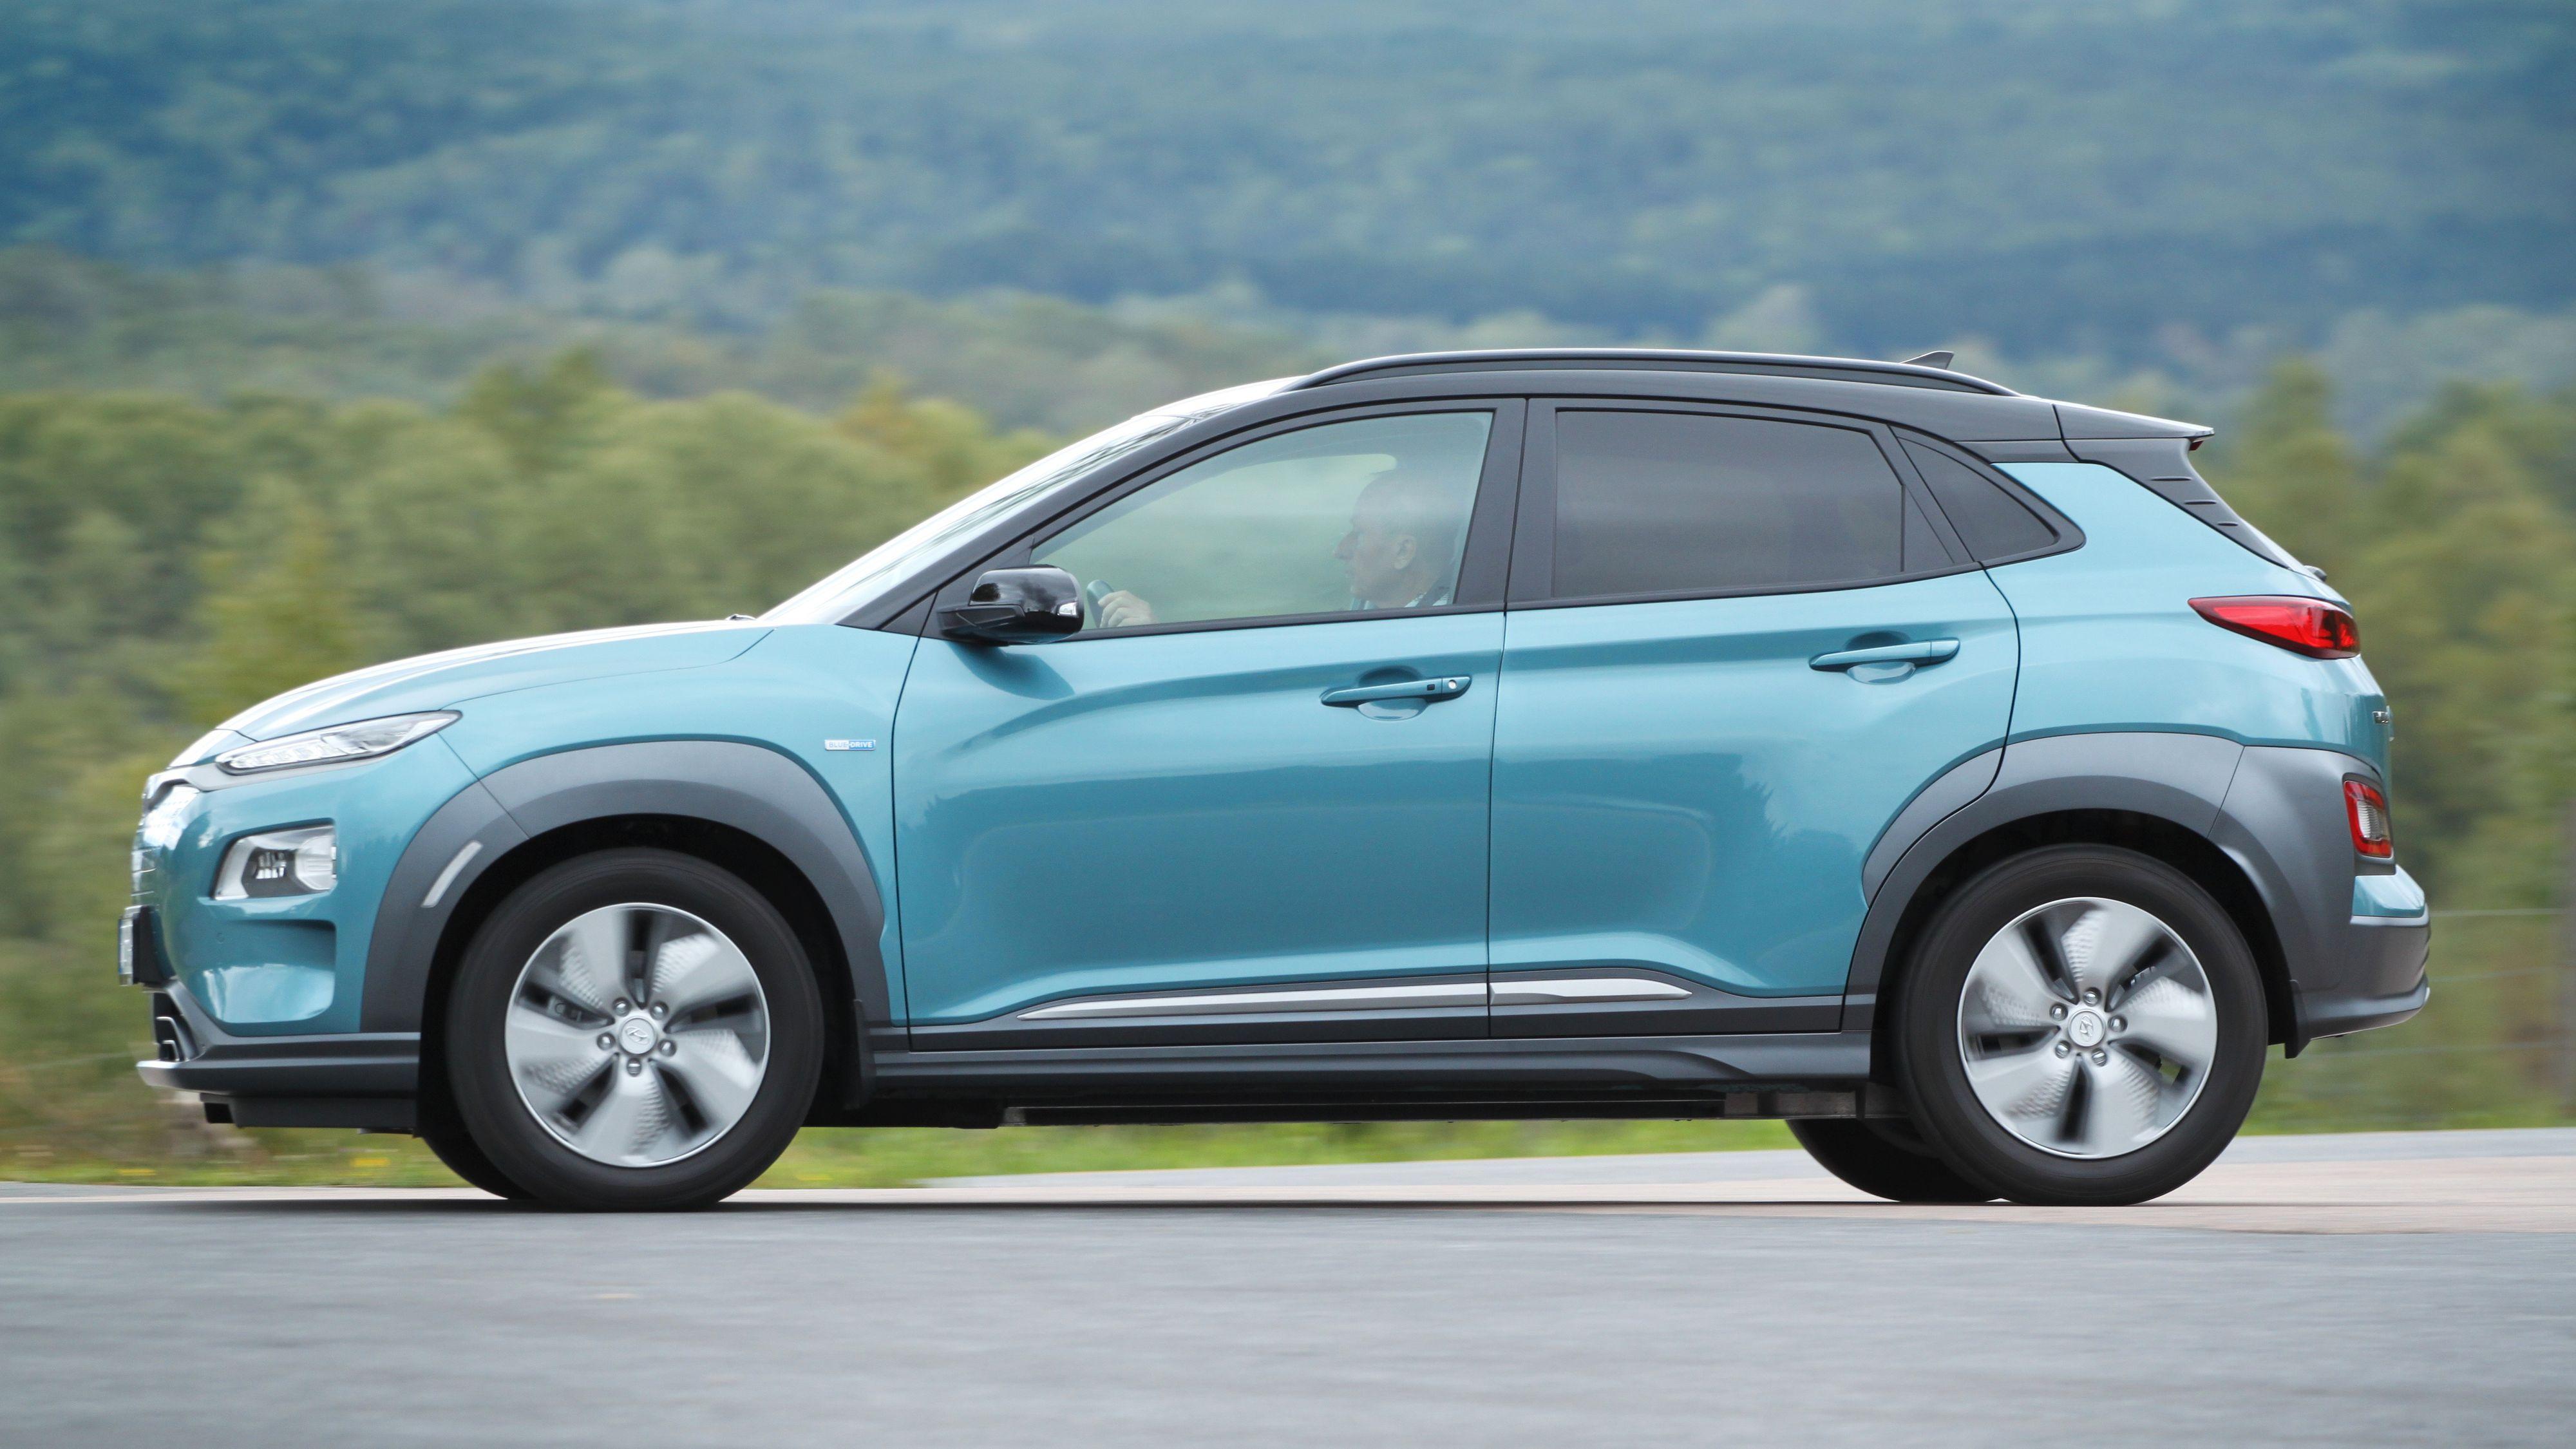 Hyundai lanserer nye og billigere utstyrsversjoner til 2020-modellen av Hyundai Kona Electric. Men den fullt utstyrte modellen blir dyrere.